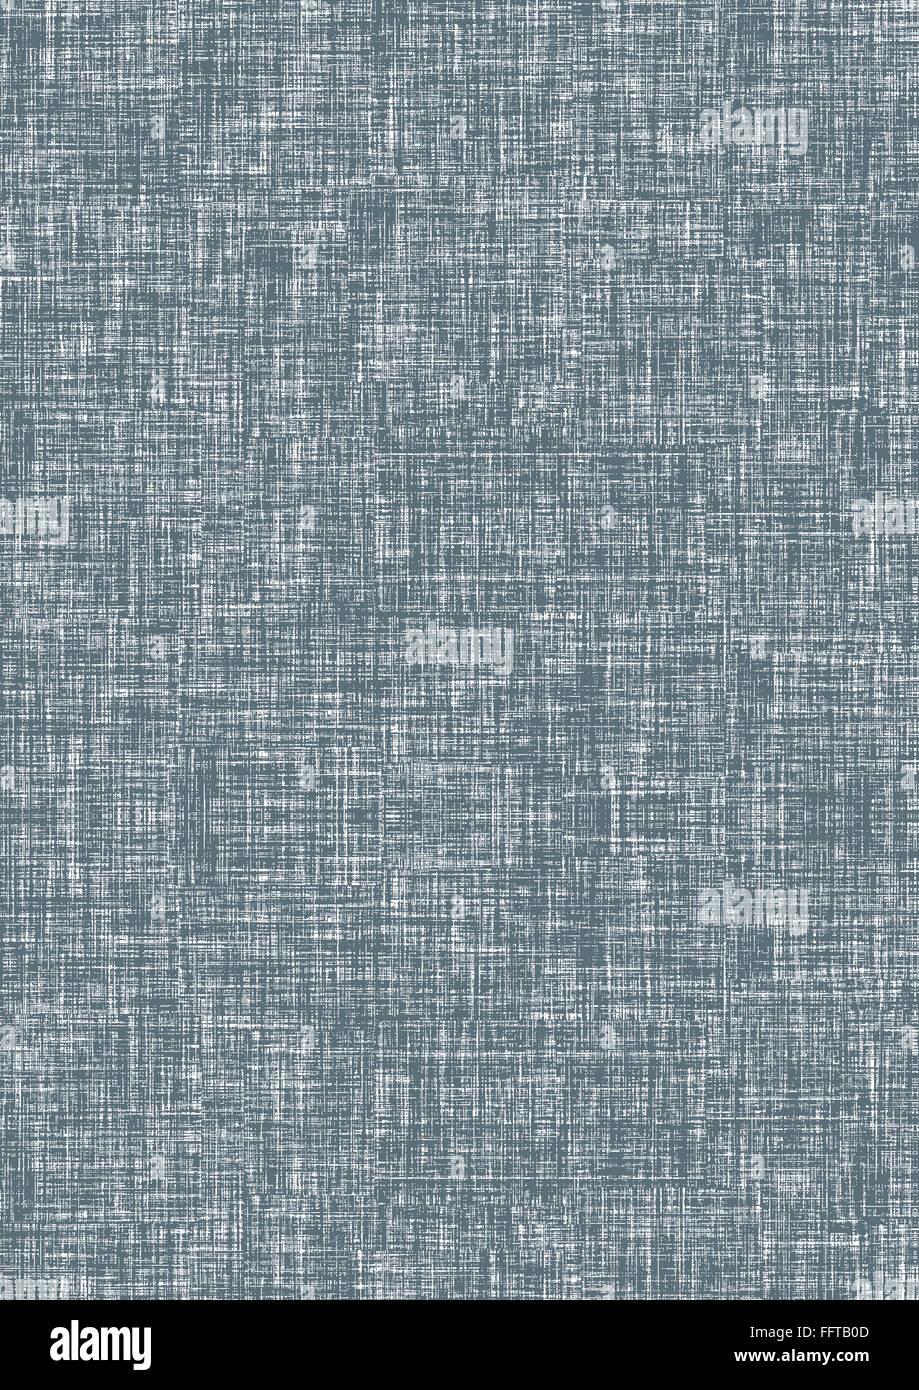 Struktur Grau Weiss Oberflächenstrukturierter Malen Farbe Zeichnen  Schrabbelig Schraffiert Schraffieren Kreide Kreidestruktur Gerissen  Spachtel Spa